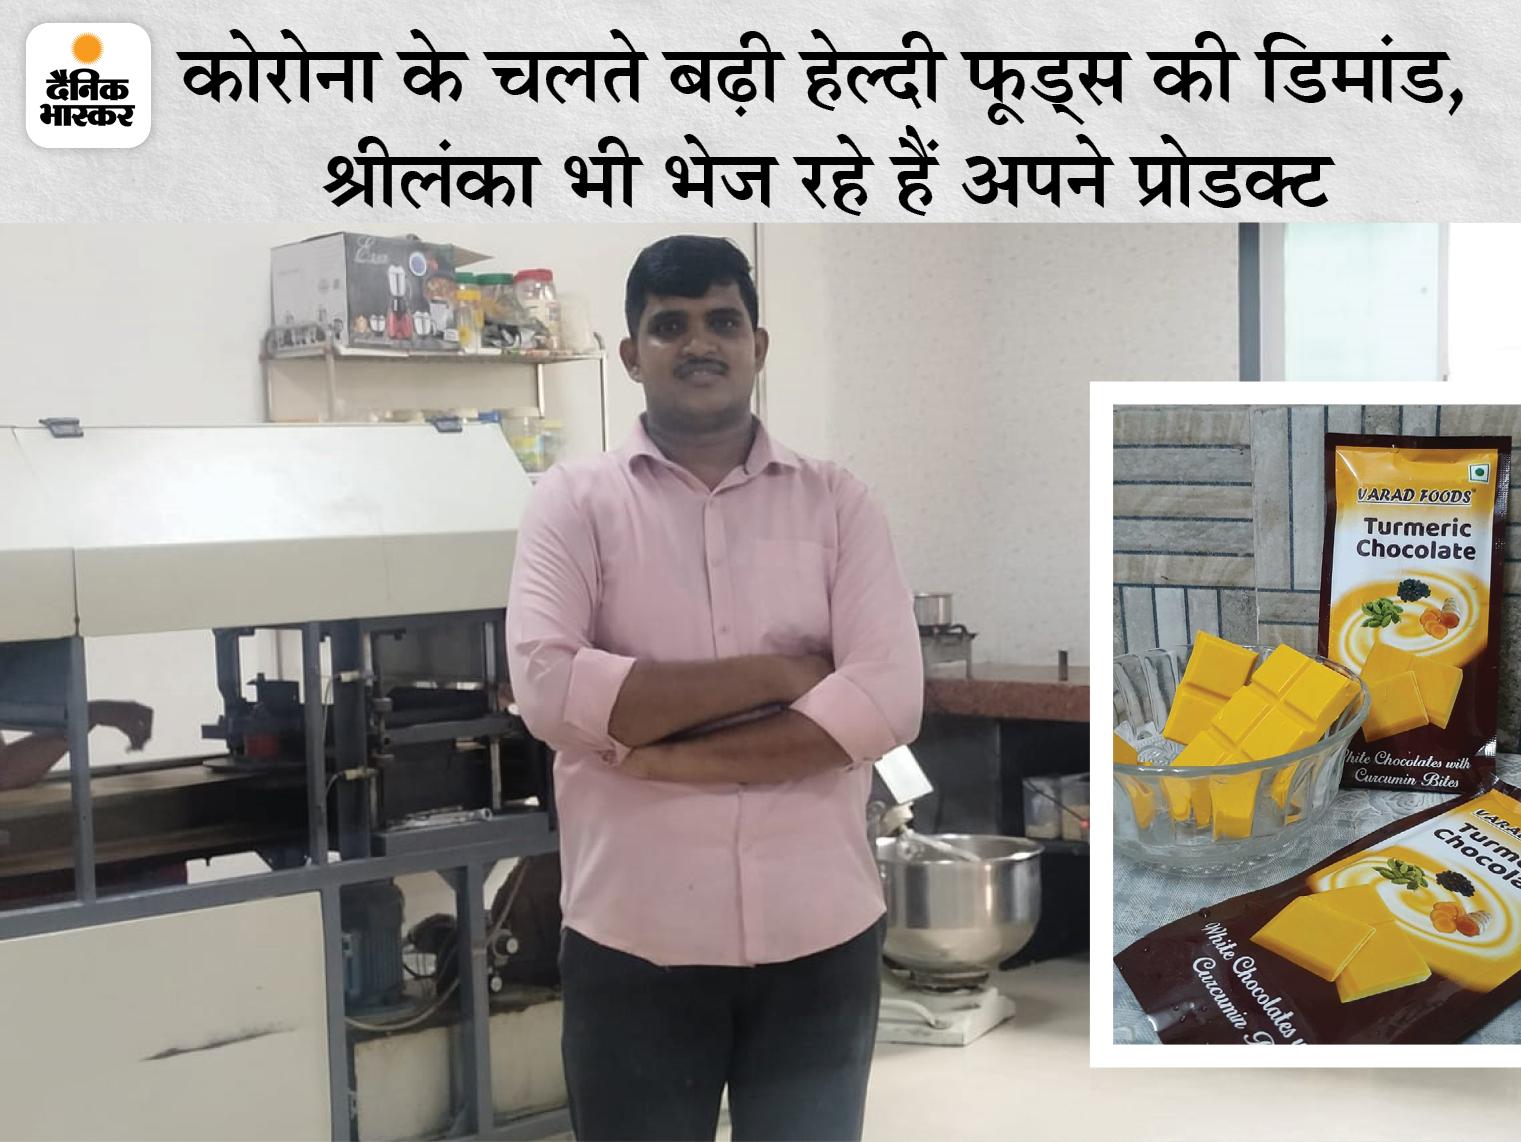 पुणे के प्रमोद सहजन की पत्तियों से चॉकलेट और स्नैक्स बनाते हैं, हर महीने तीन लाख रु. का बिजनेस, 15 लोगों को रोजगार भी दिया|DB ओरिजिनल,DB Original - Dainik Bhaskar